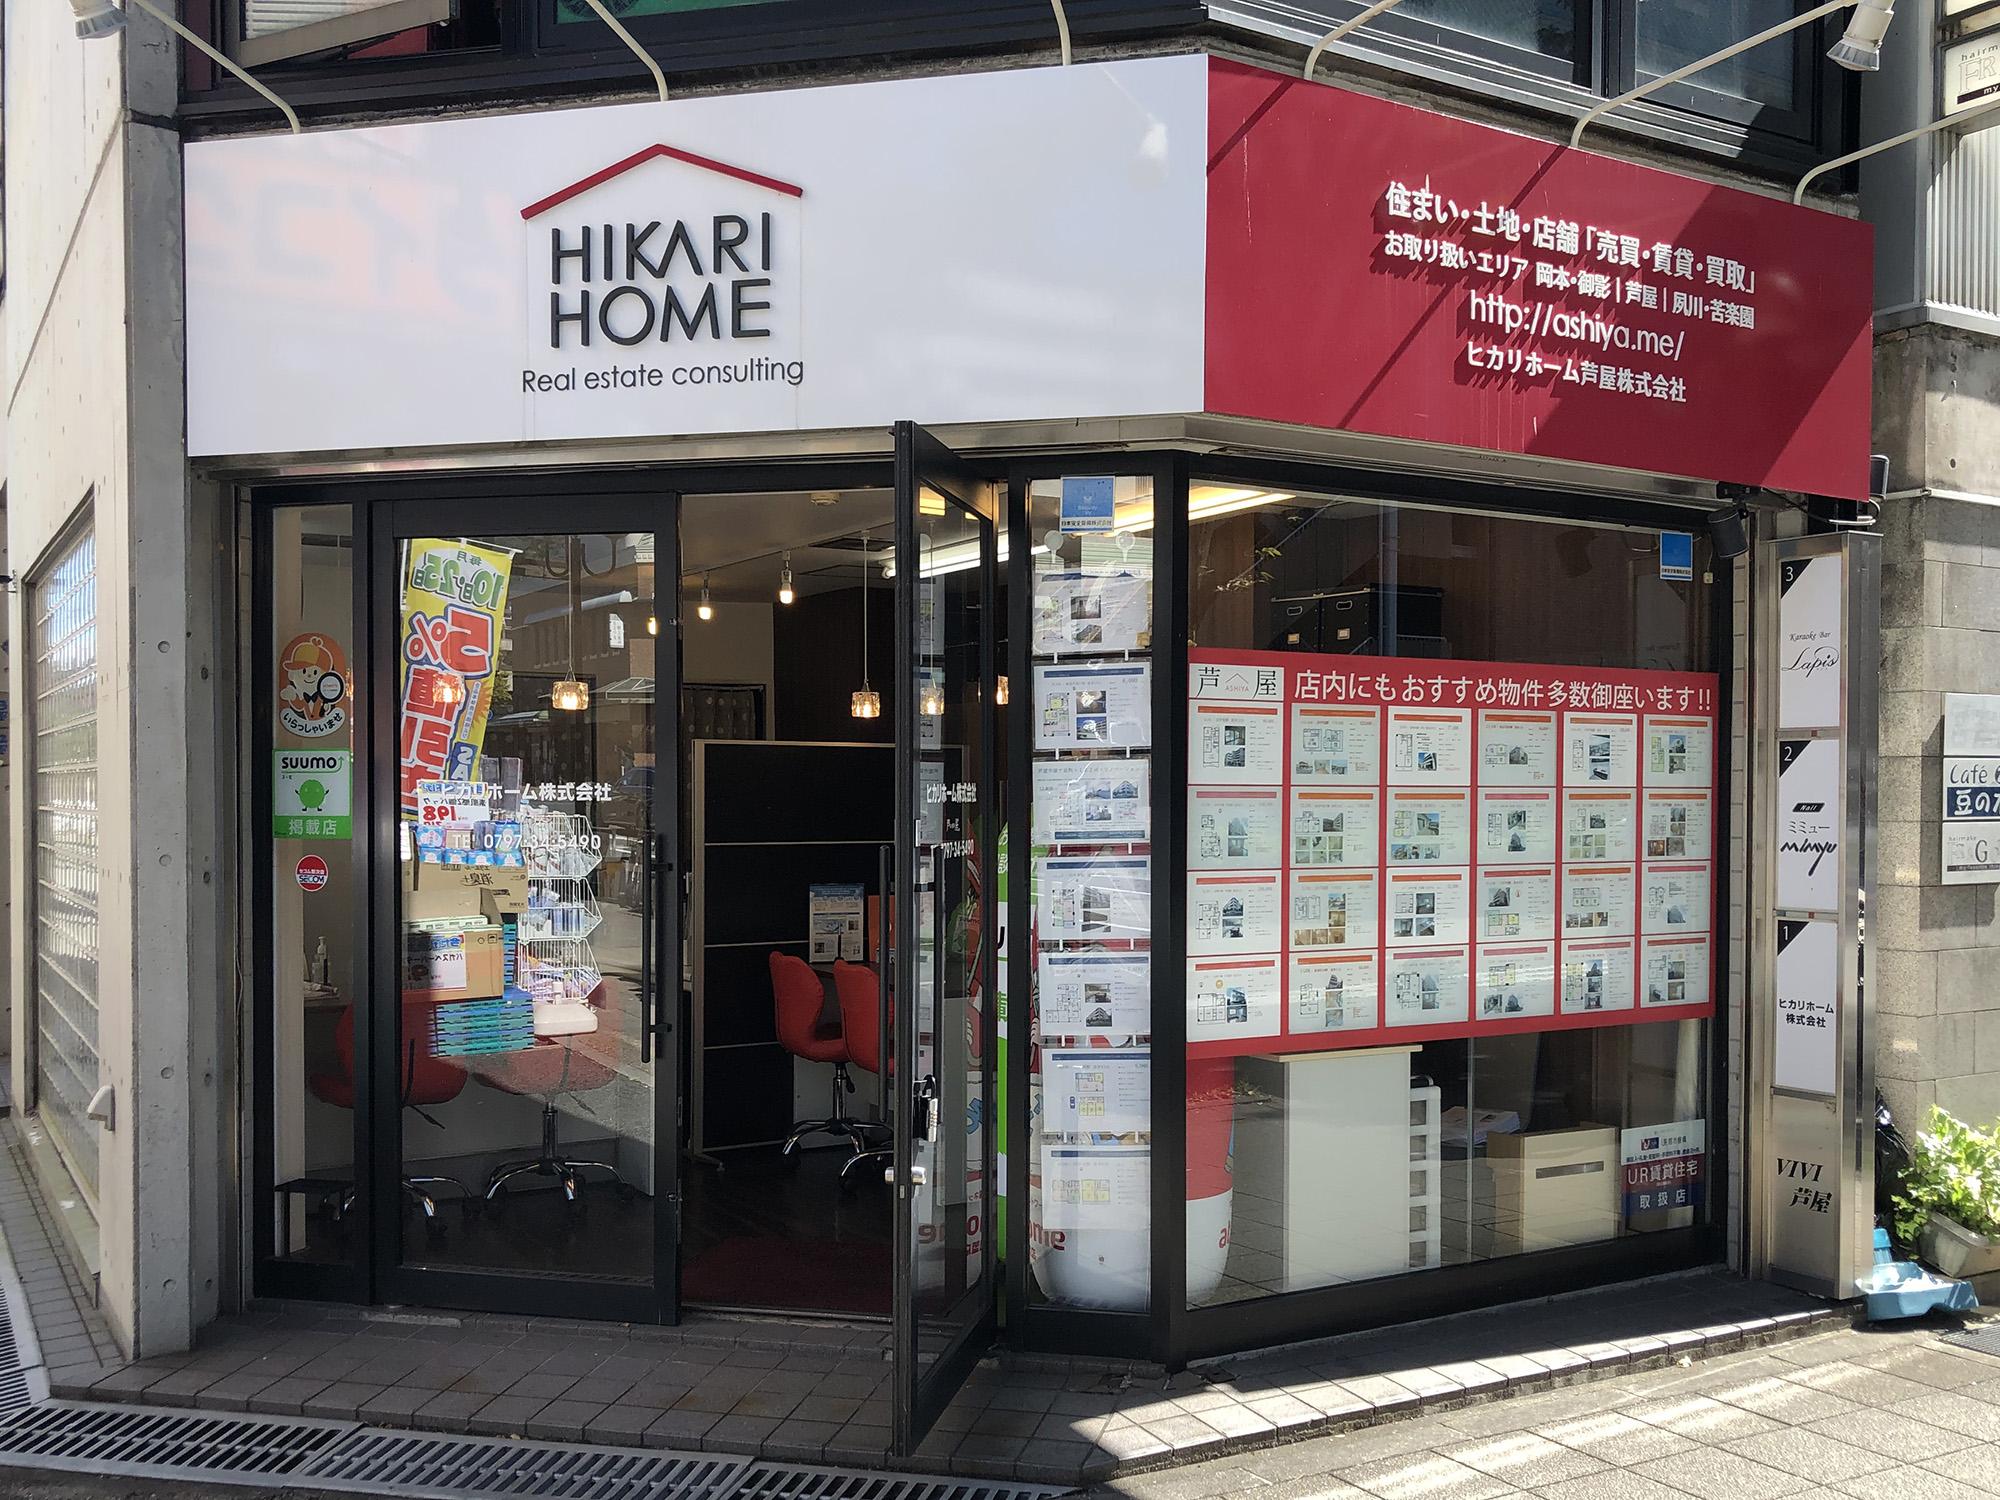 ヒカリホーム株式会社 芦屋支店